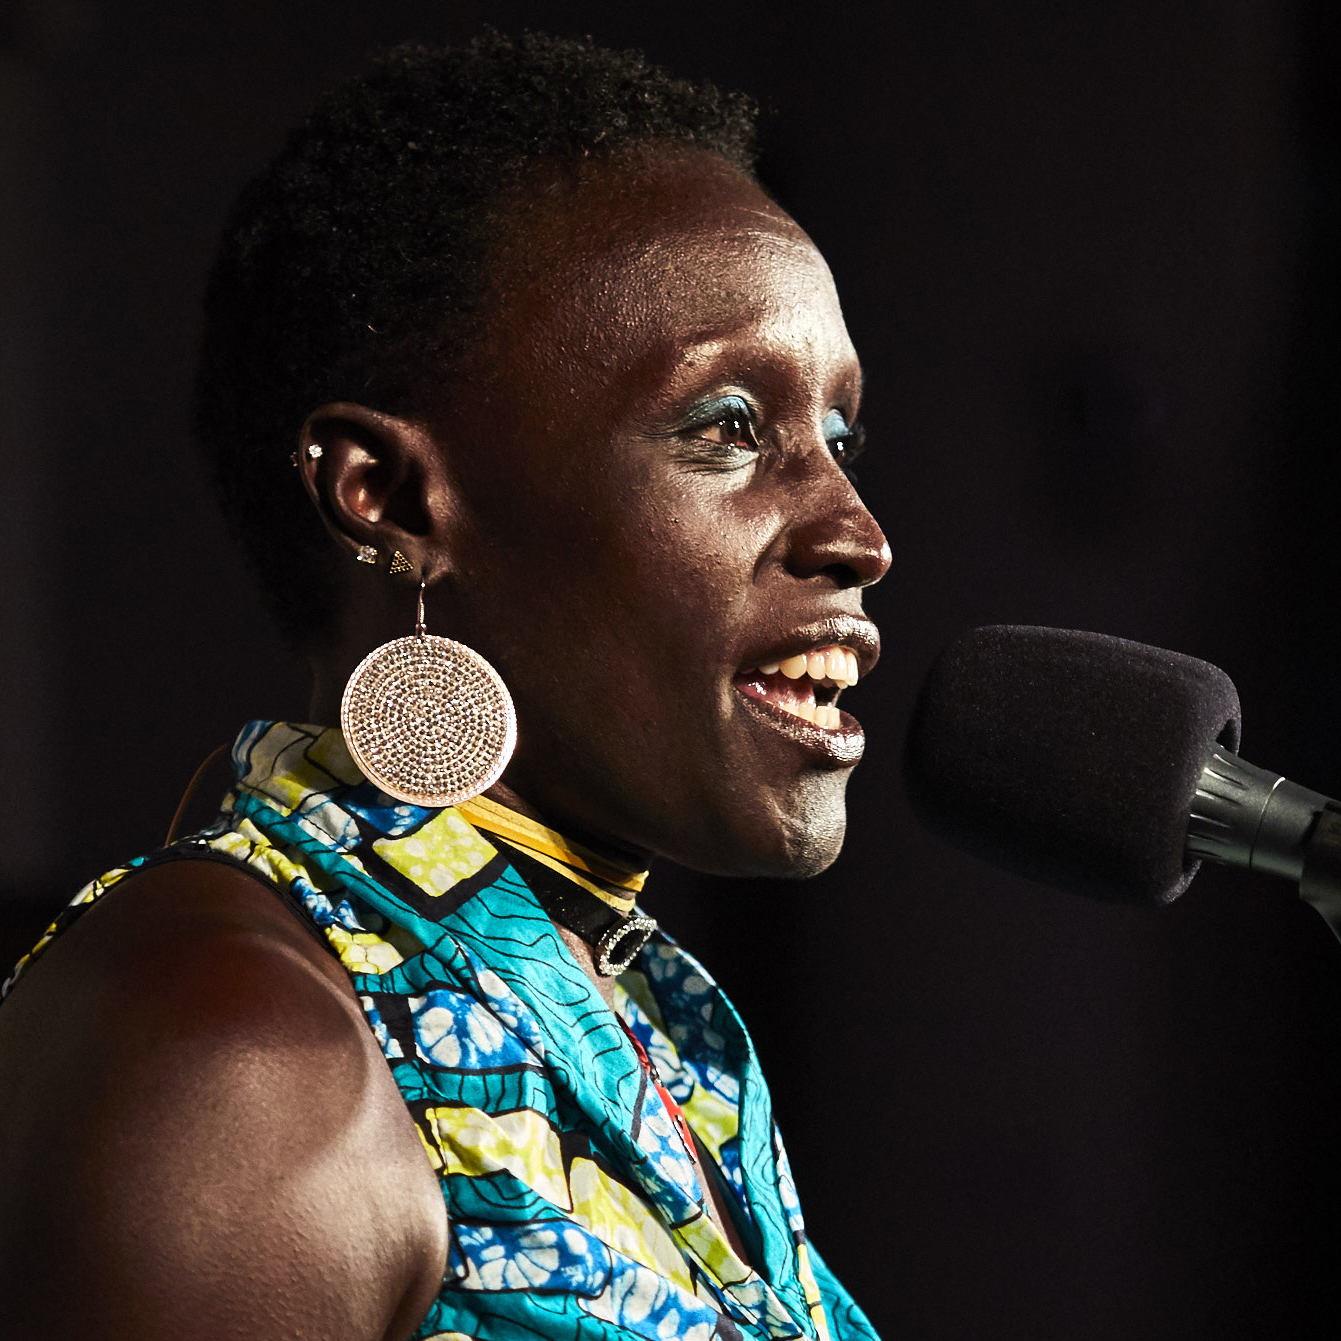 Caption: Esther Ngumbi, Credit: Photo by Jason Falchook